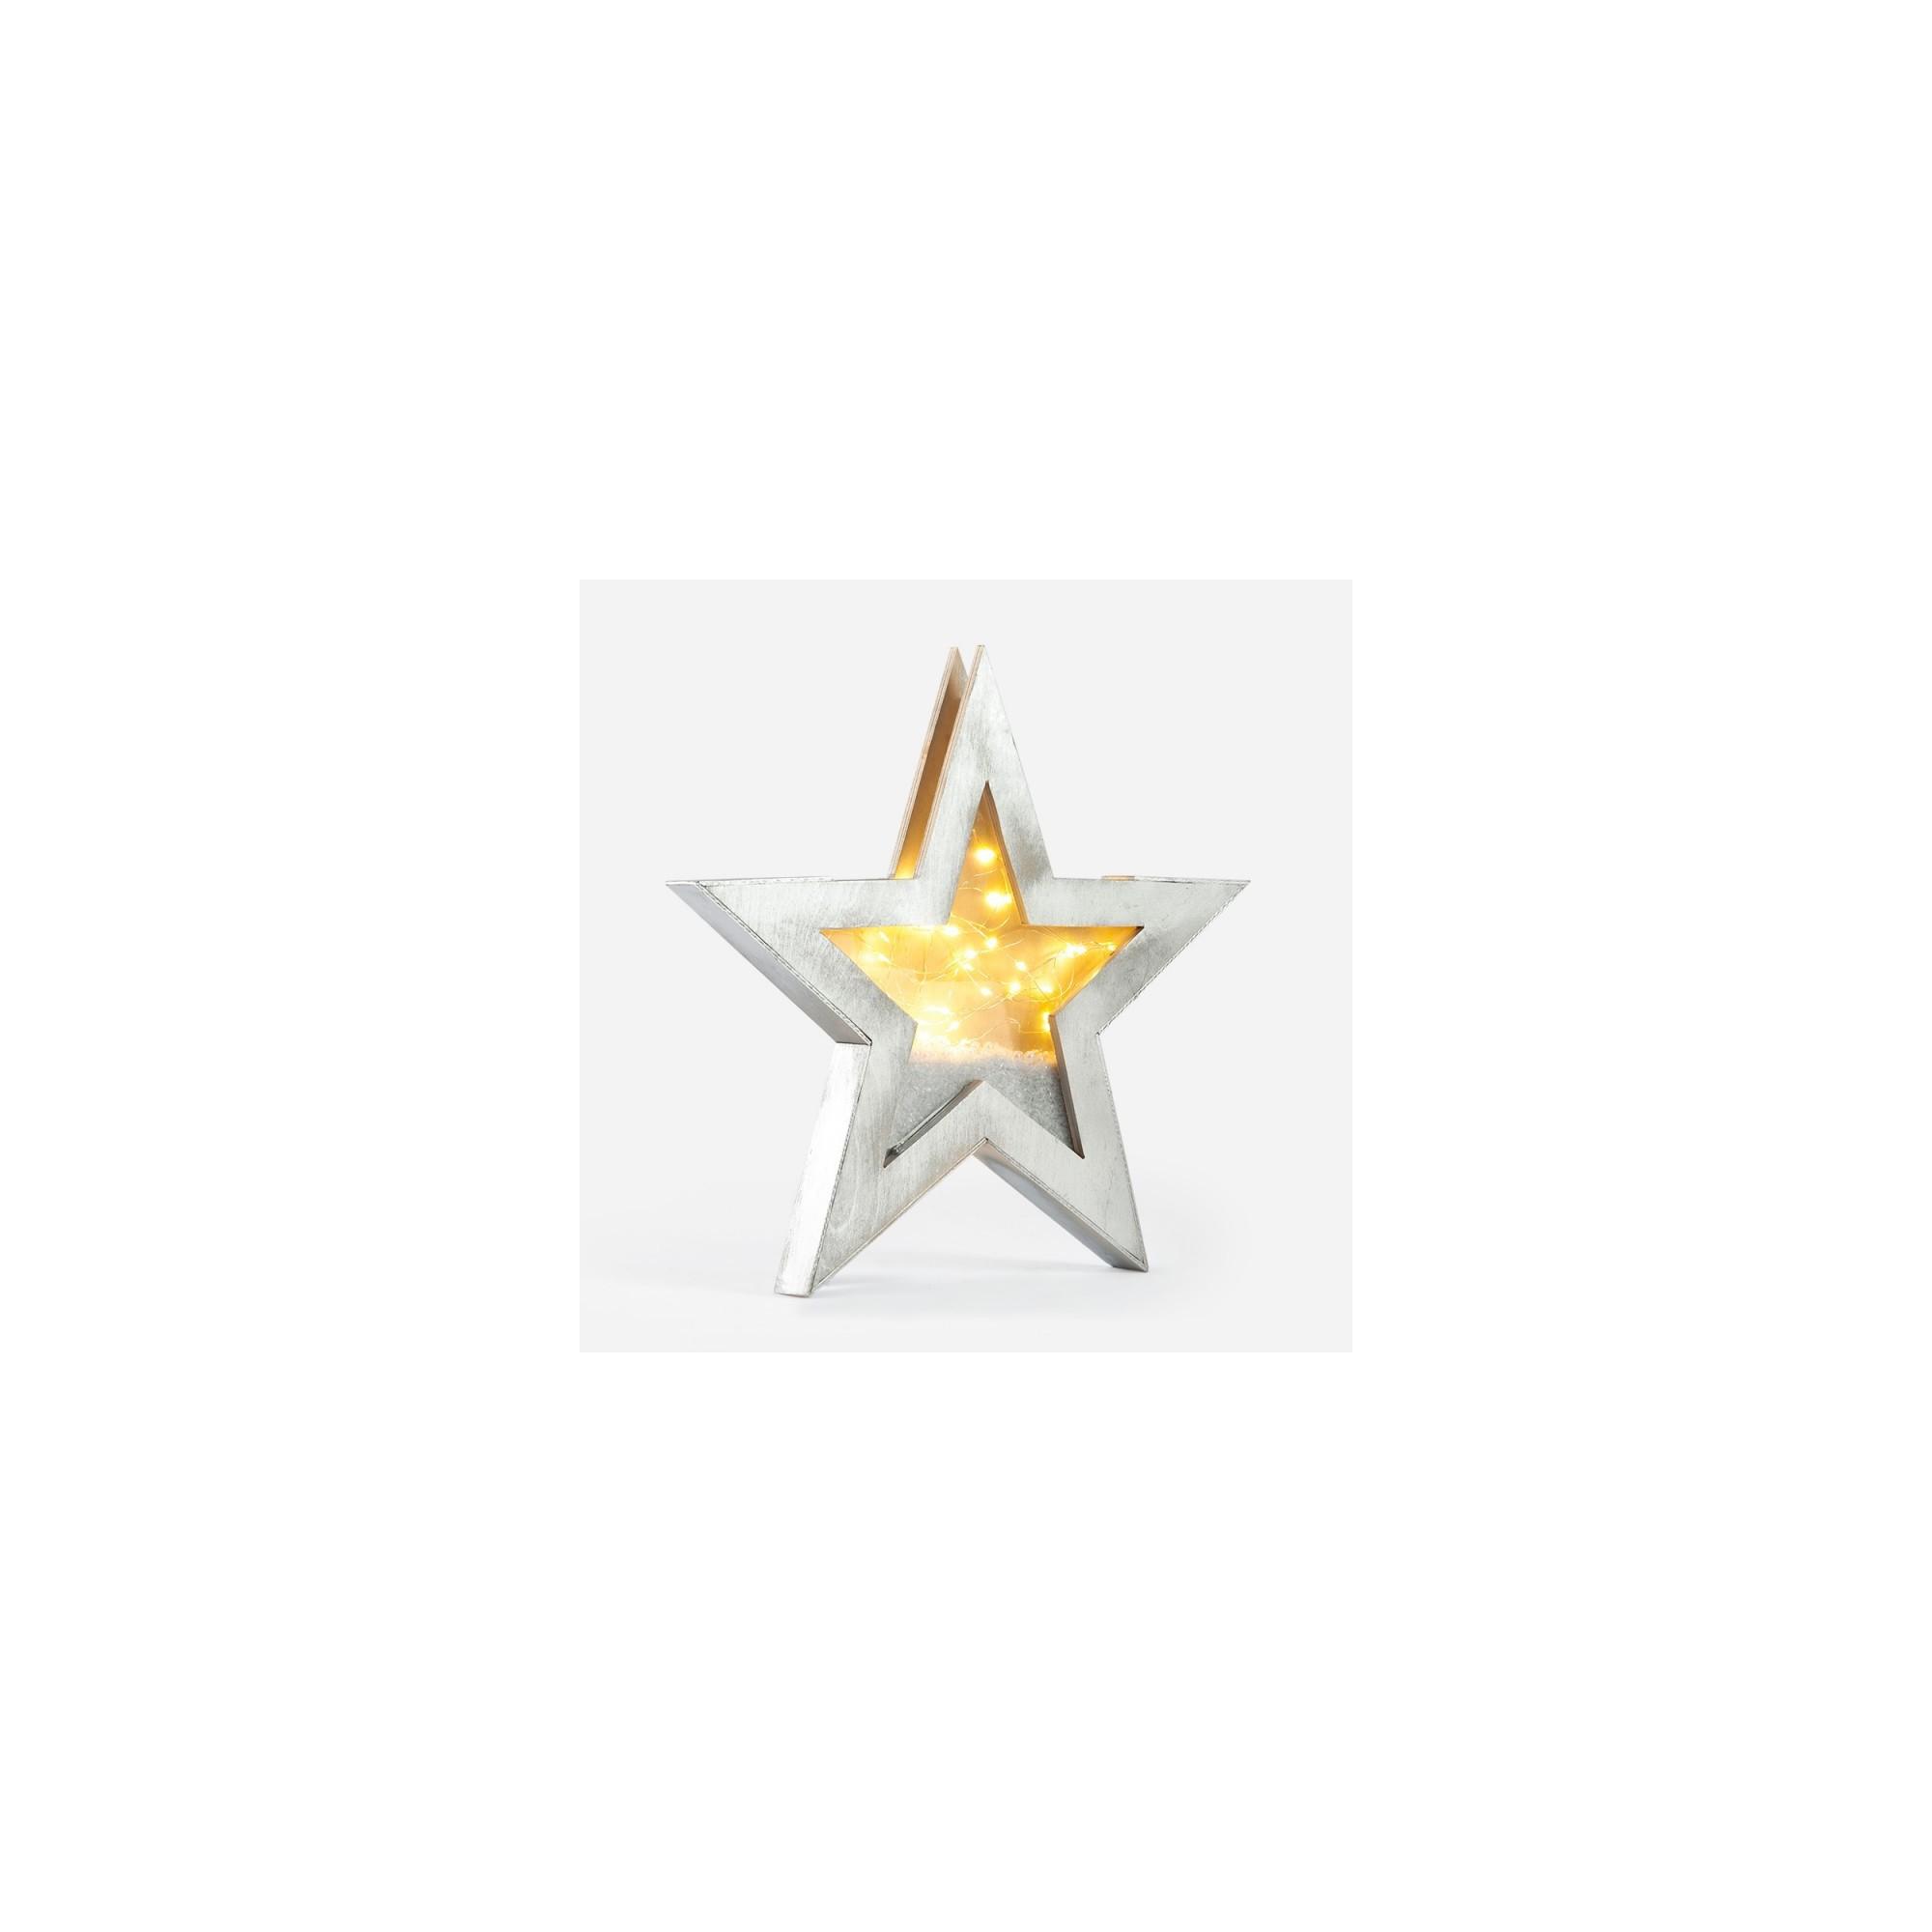 Ξύλινο διακοσμητικό αστέρι με led φωτάκια - PAR-19224